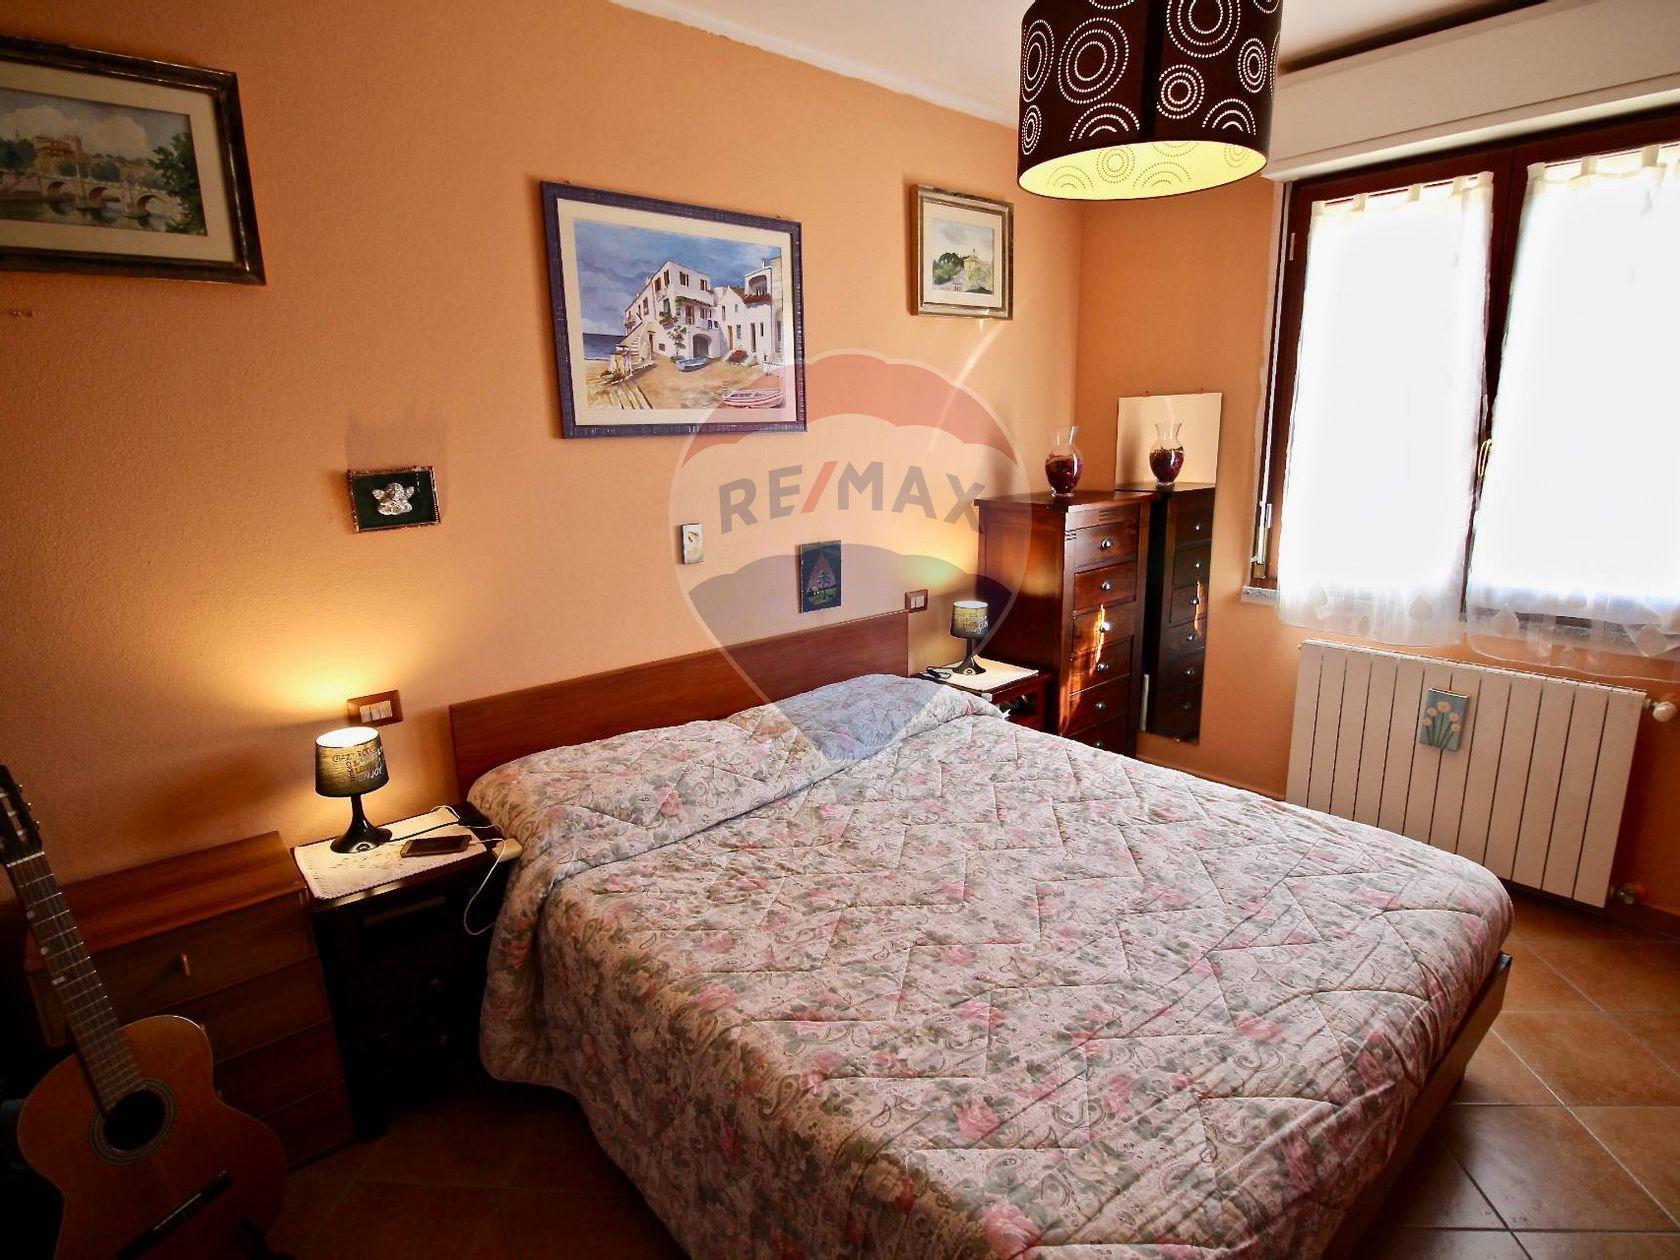 Appartamento Ss-sassari 2, Sassari, SS Vendita - Foto 13